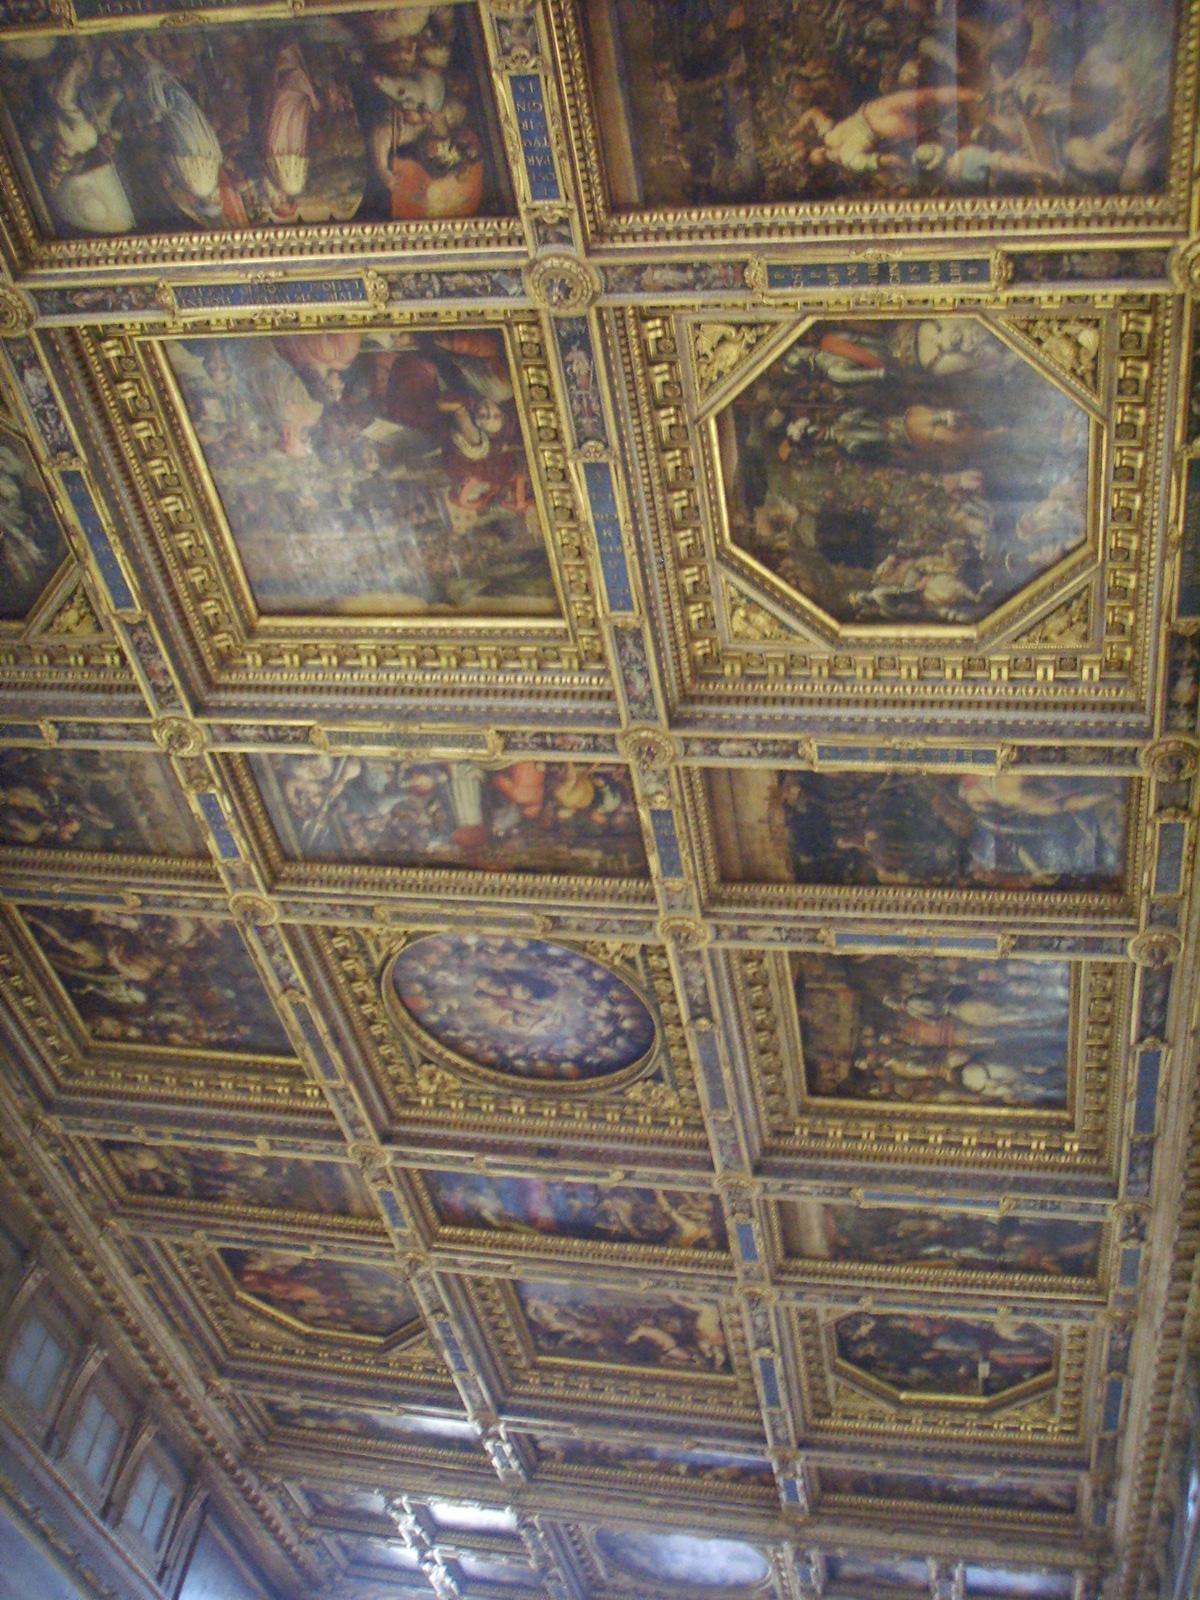 File:Palazzo vecchio, salone dei 500 soffitto.JPG